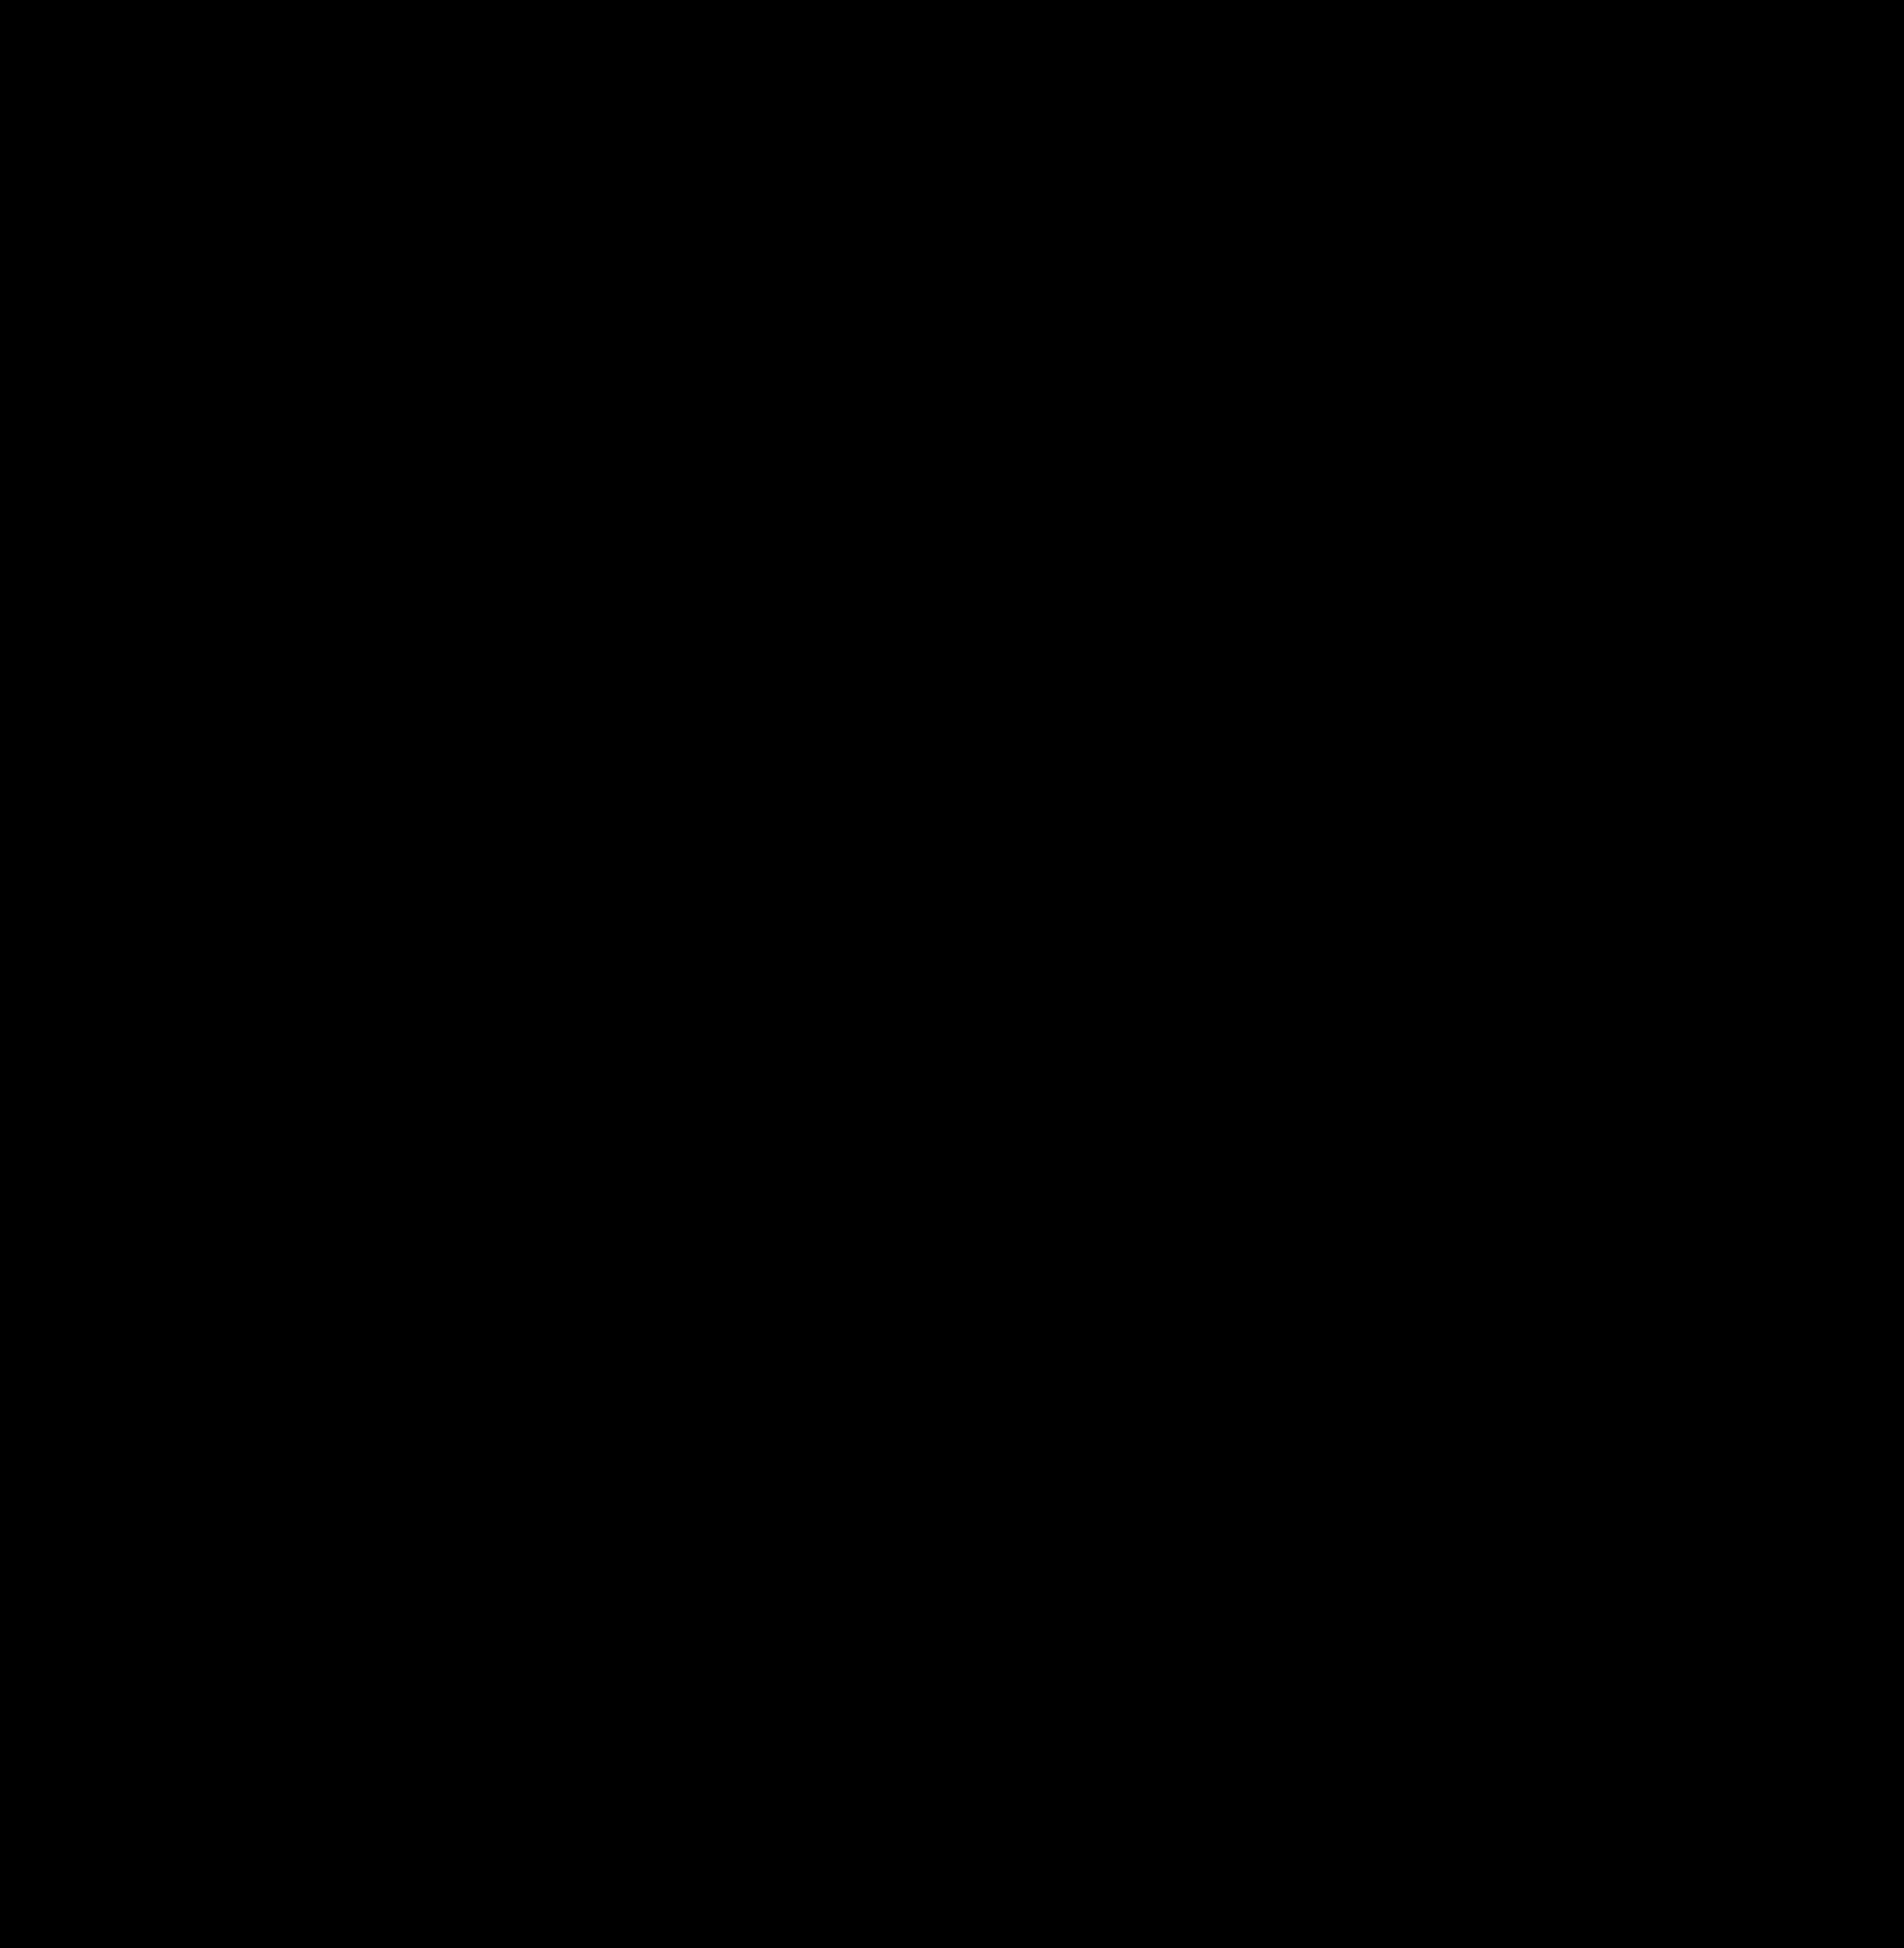 Microgramma-billboard